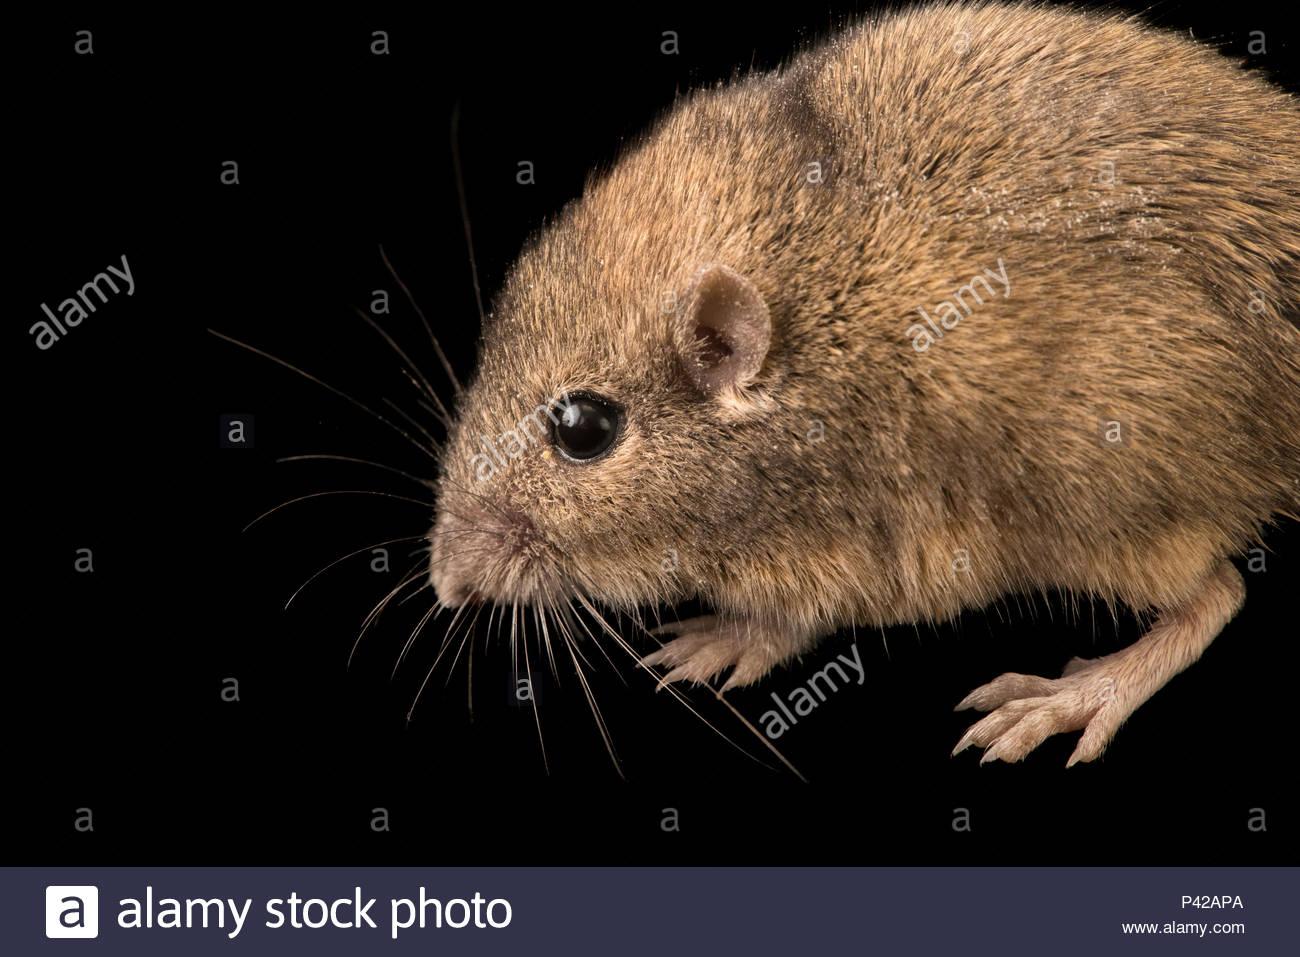 Silky pocket mouse, Perognathus flavus, a Cedar Point stazione biologica. Immagini Stock